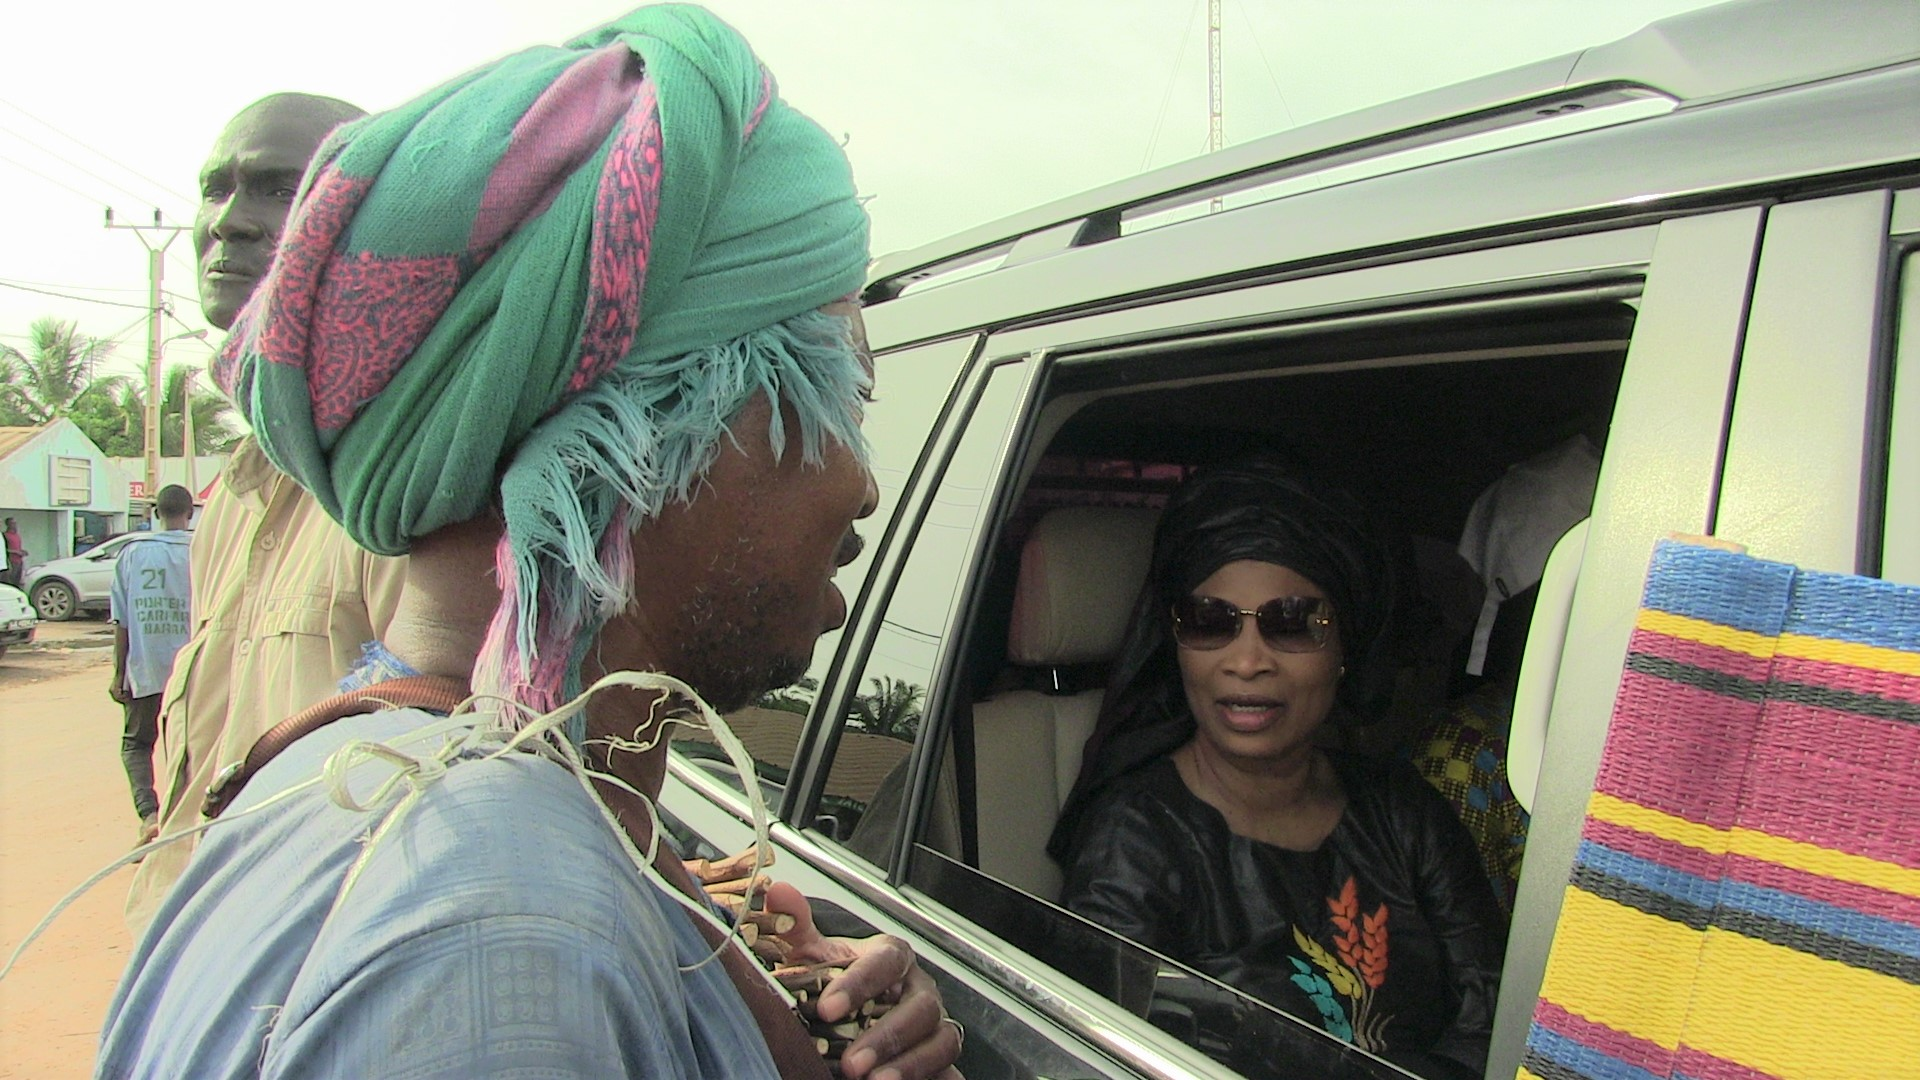 Arrêt sur image: Avant la traversée du ferry gambien, Me Aissata Tall Sall a salué la présence de la MICEGA, les soldats de la CEDEAO, en Gambie